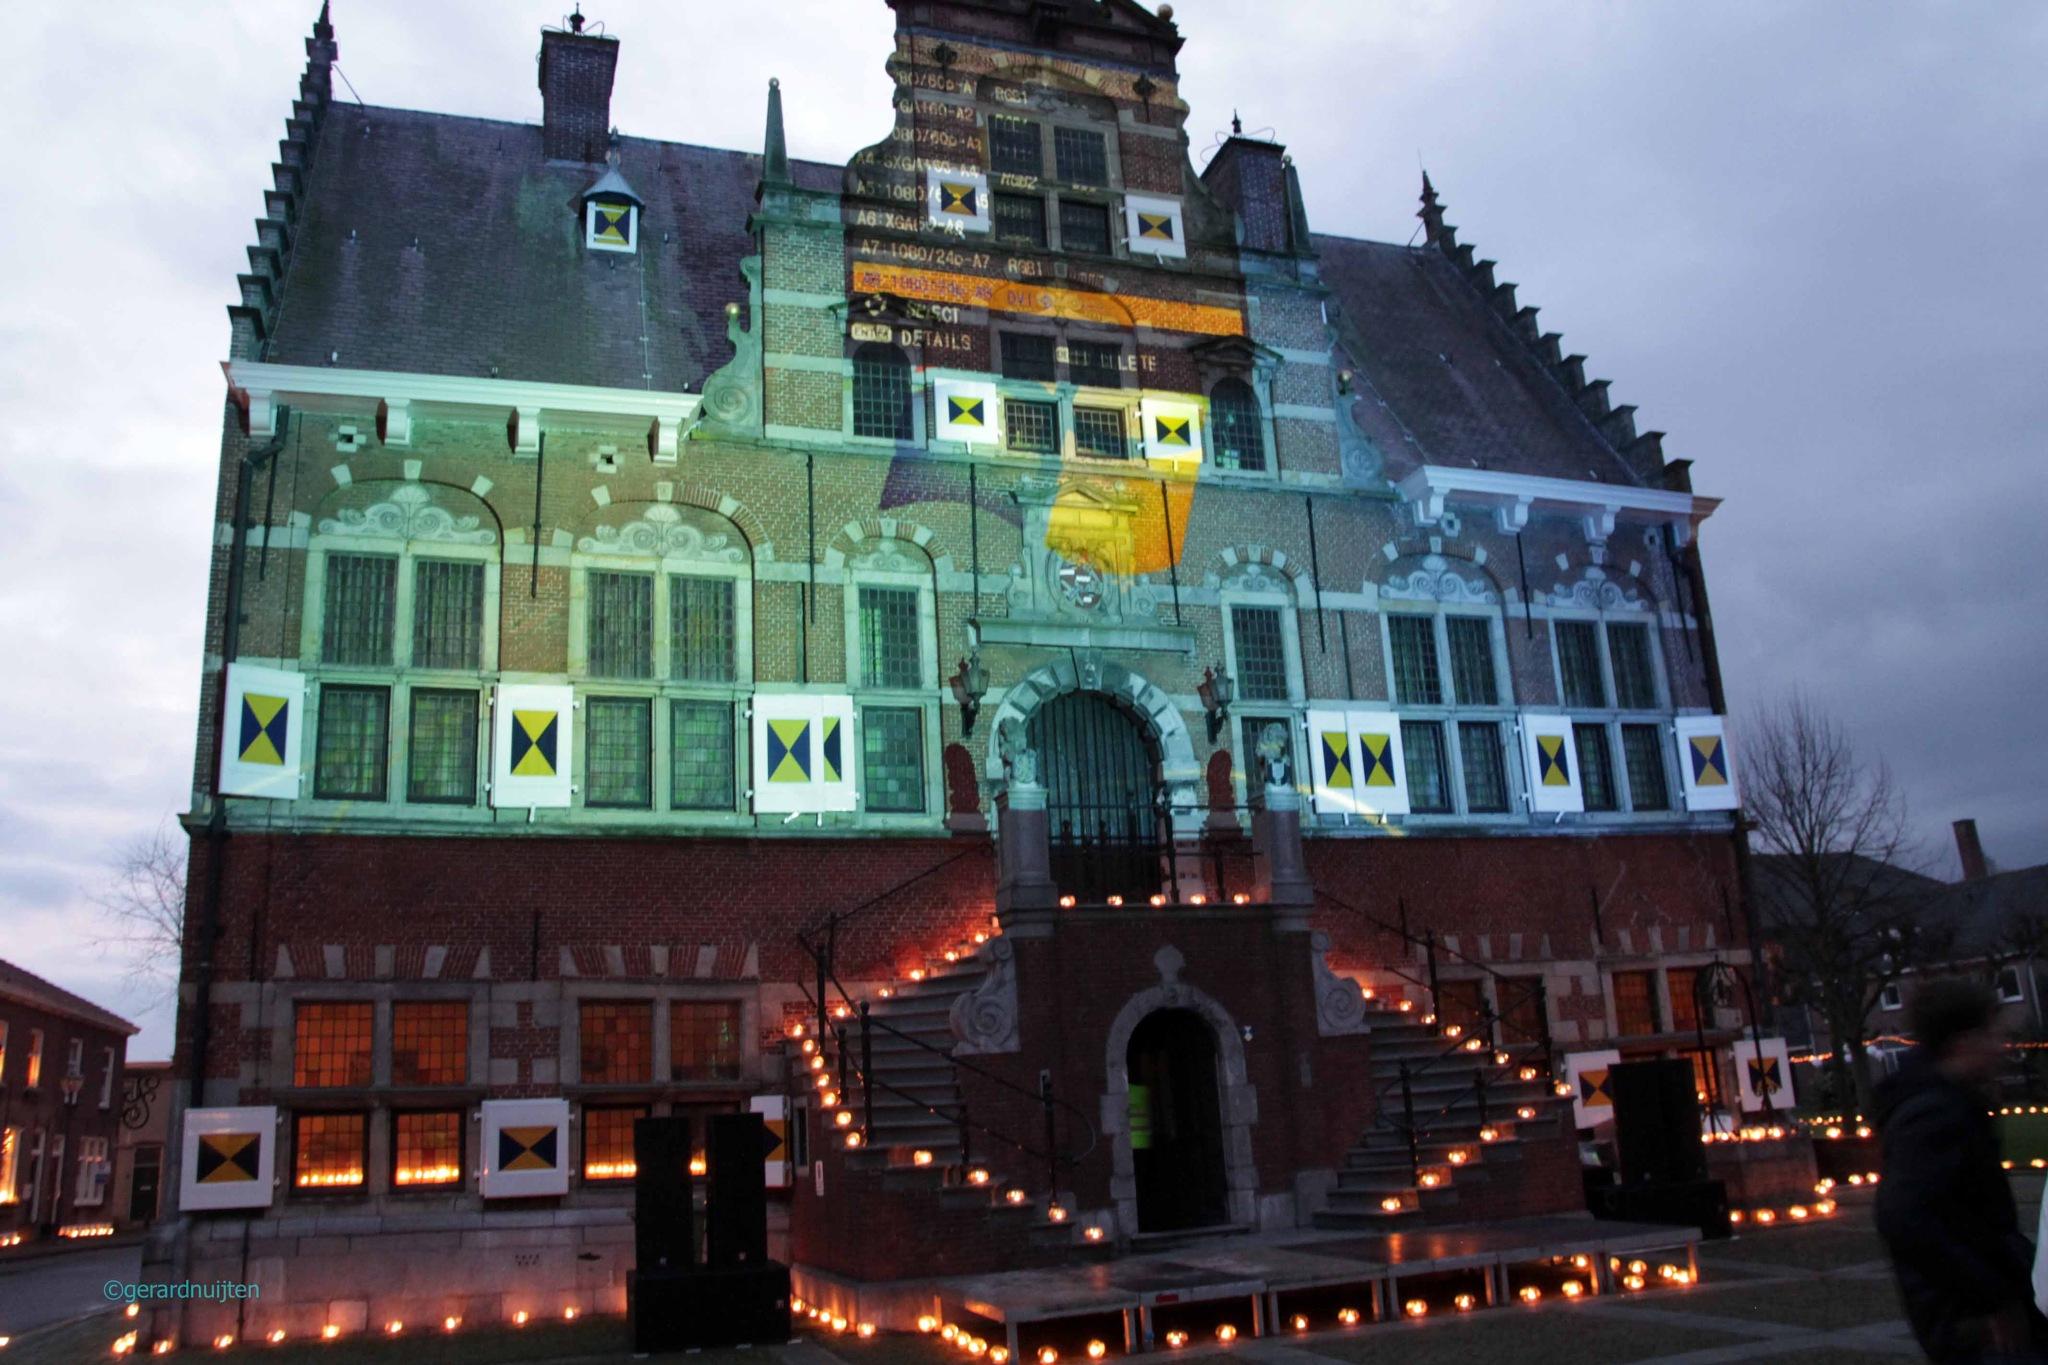 stadhuis klundert by Gerard Nuijten